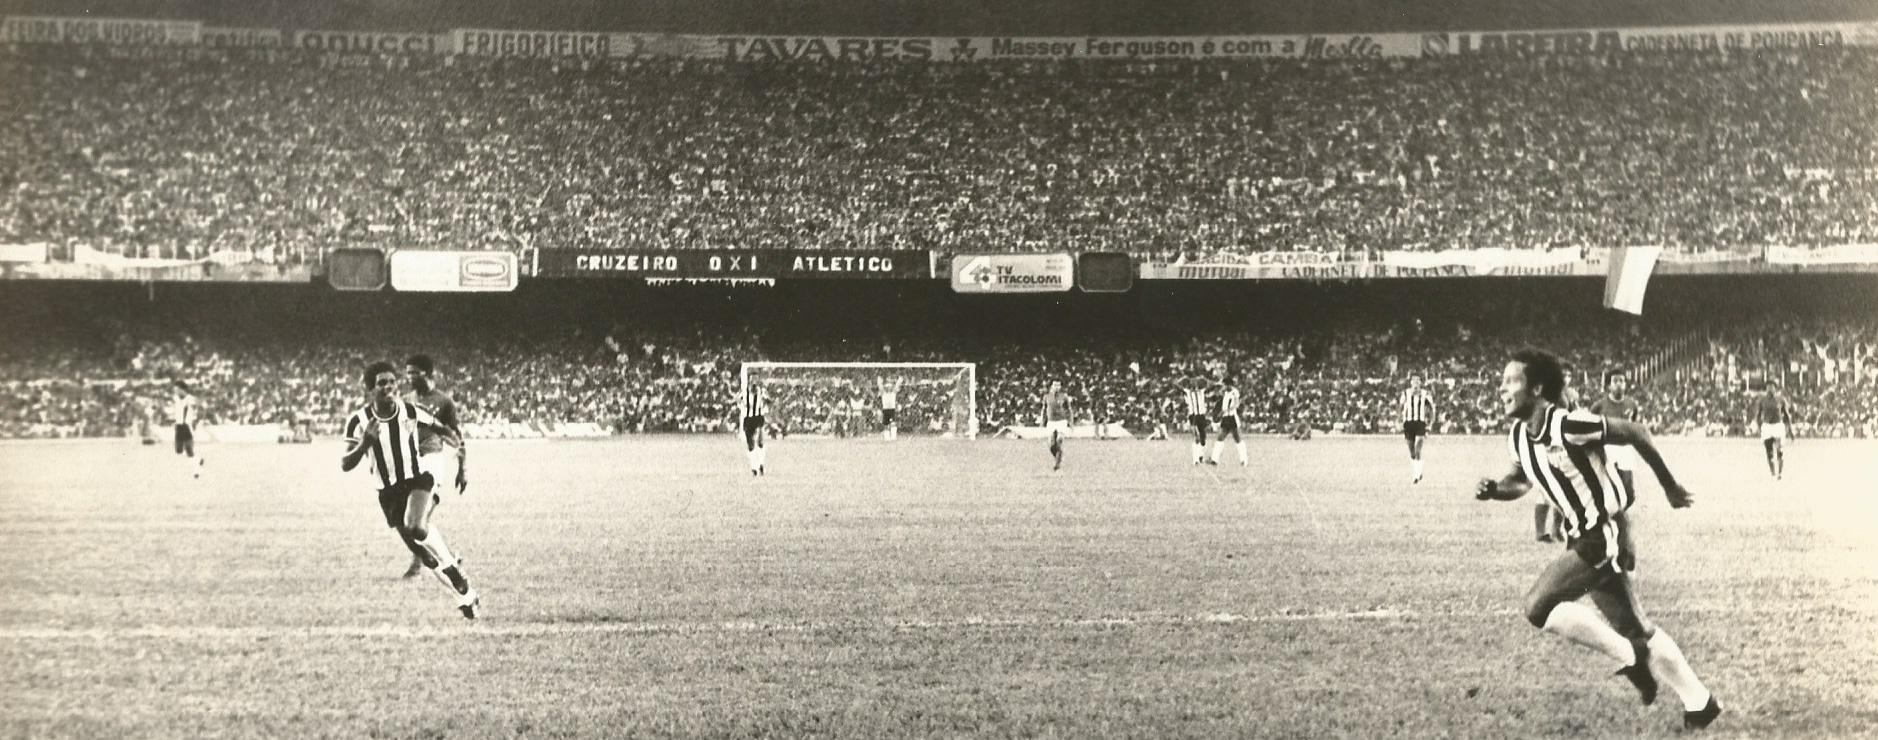 reinaldo-gol-anos-1970